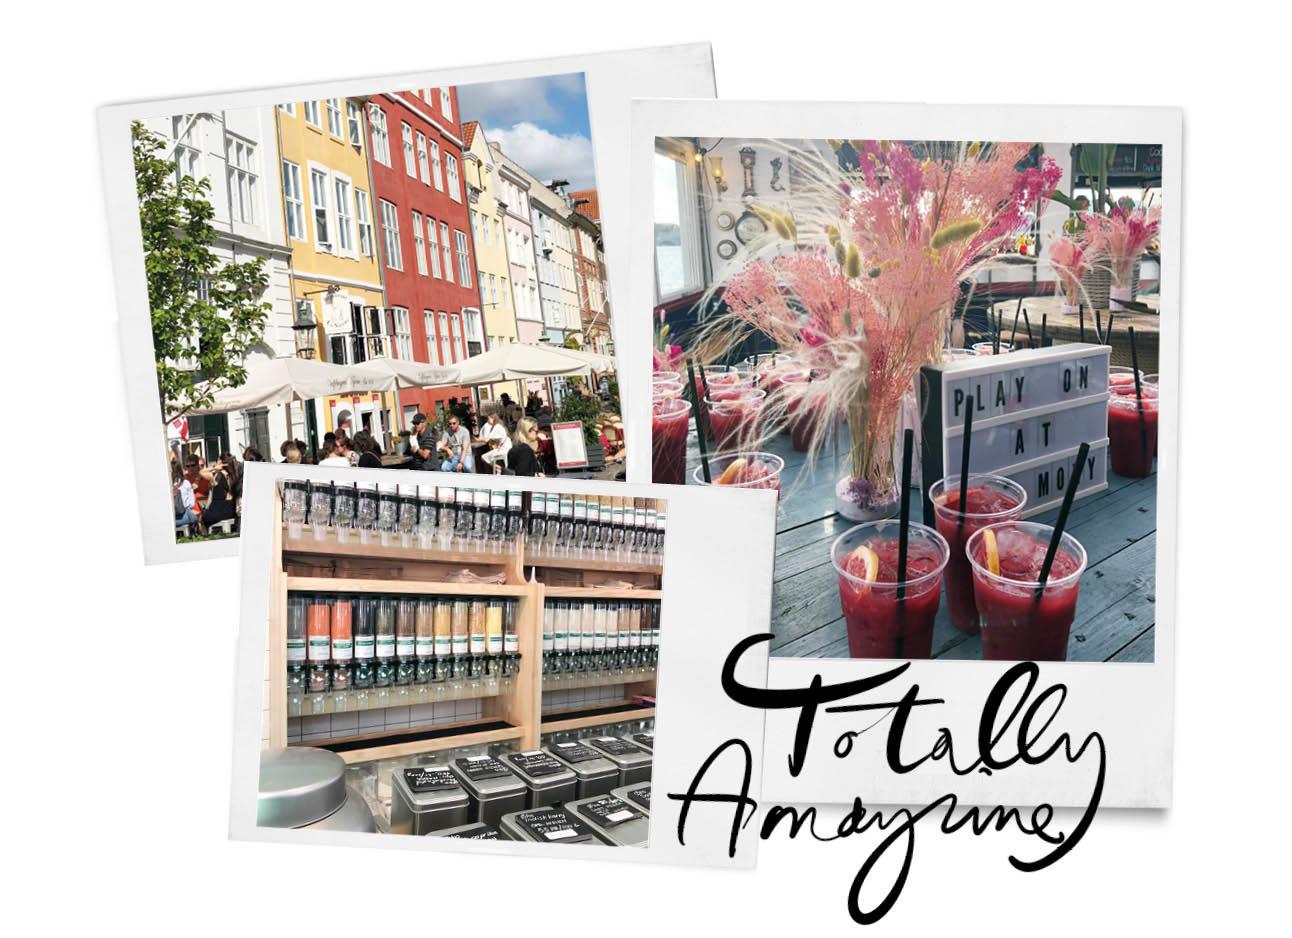 Kopenhagen met moxy hotels de stad en lekker cocktails